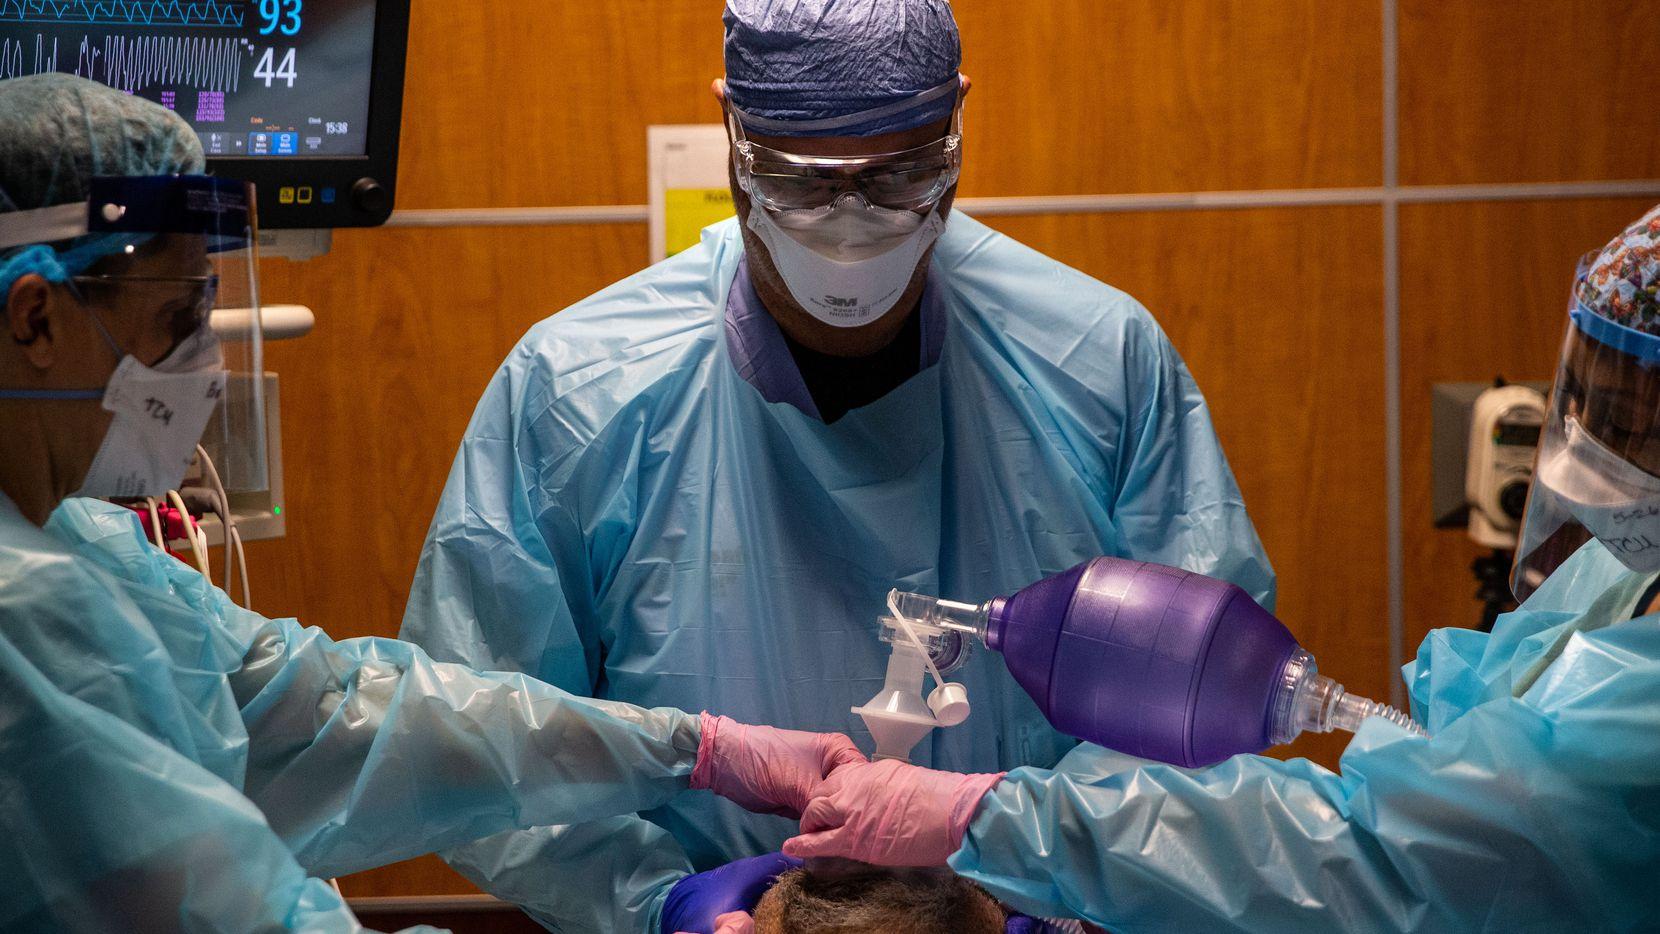 Las imágenes de diciembre pasado en la Unidad Táctica de Covid en el Hospital Parkland se están repitiendo con la agresiva variante delta y los bajos índices de vacunación.